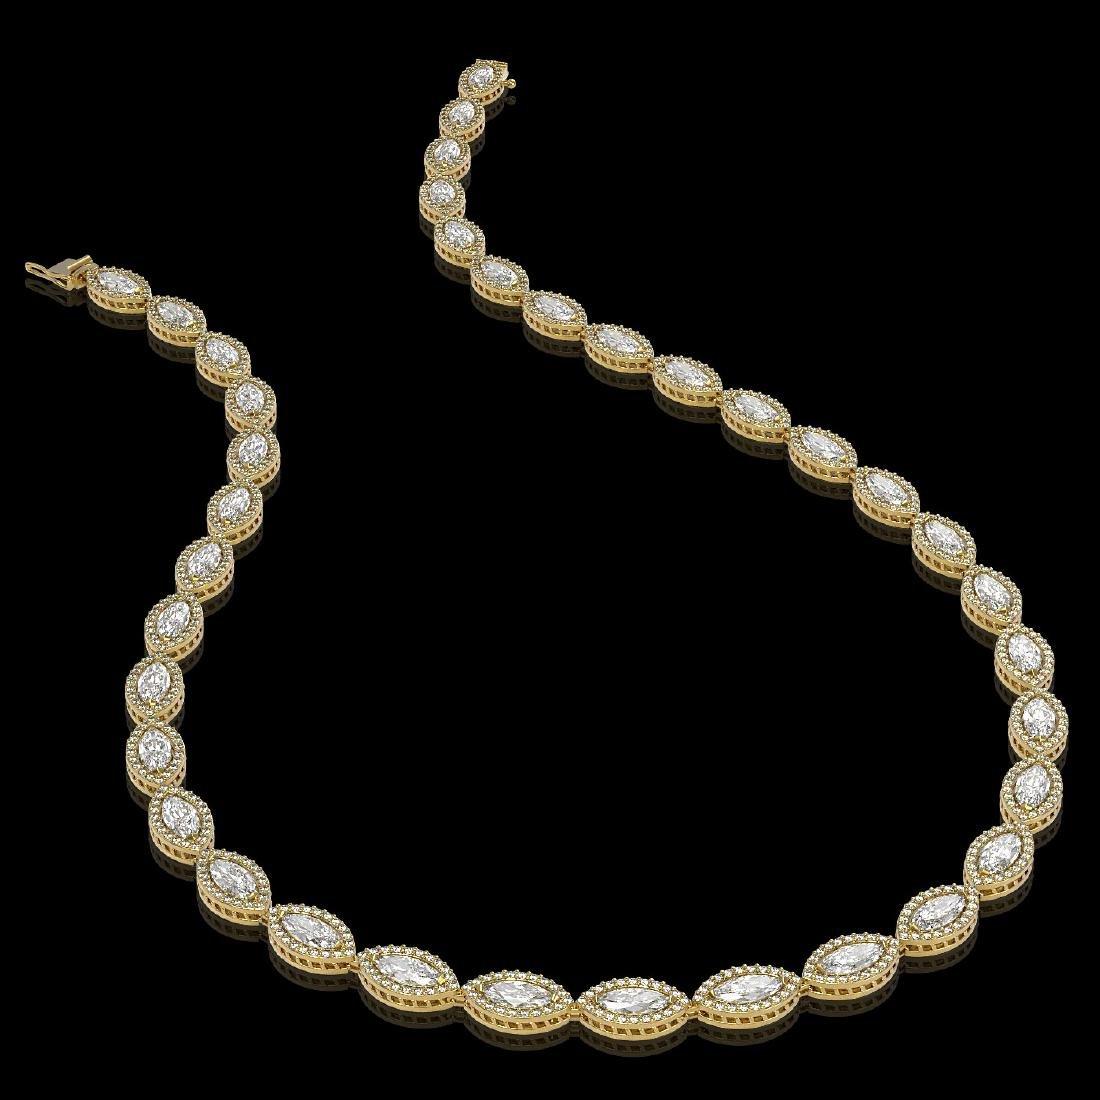 24.42 CTW Marquise Diamond Designer Necklace 18K Yellow - 2